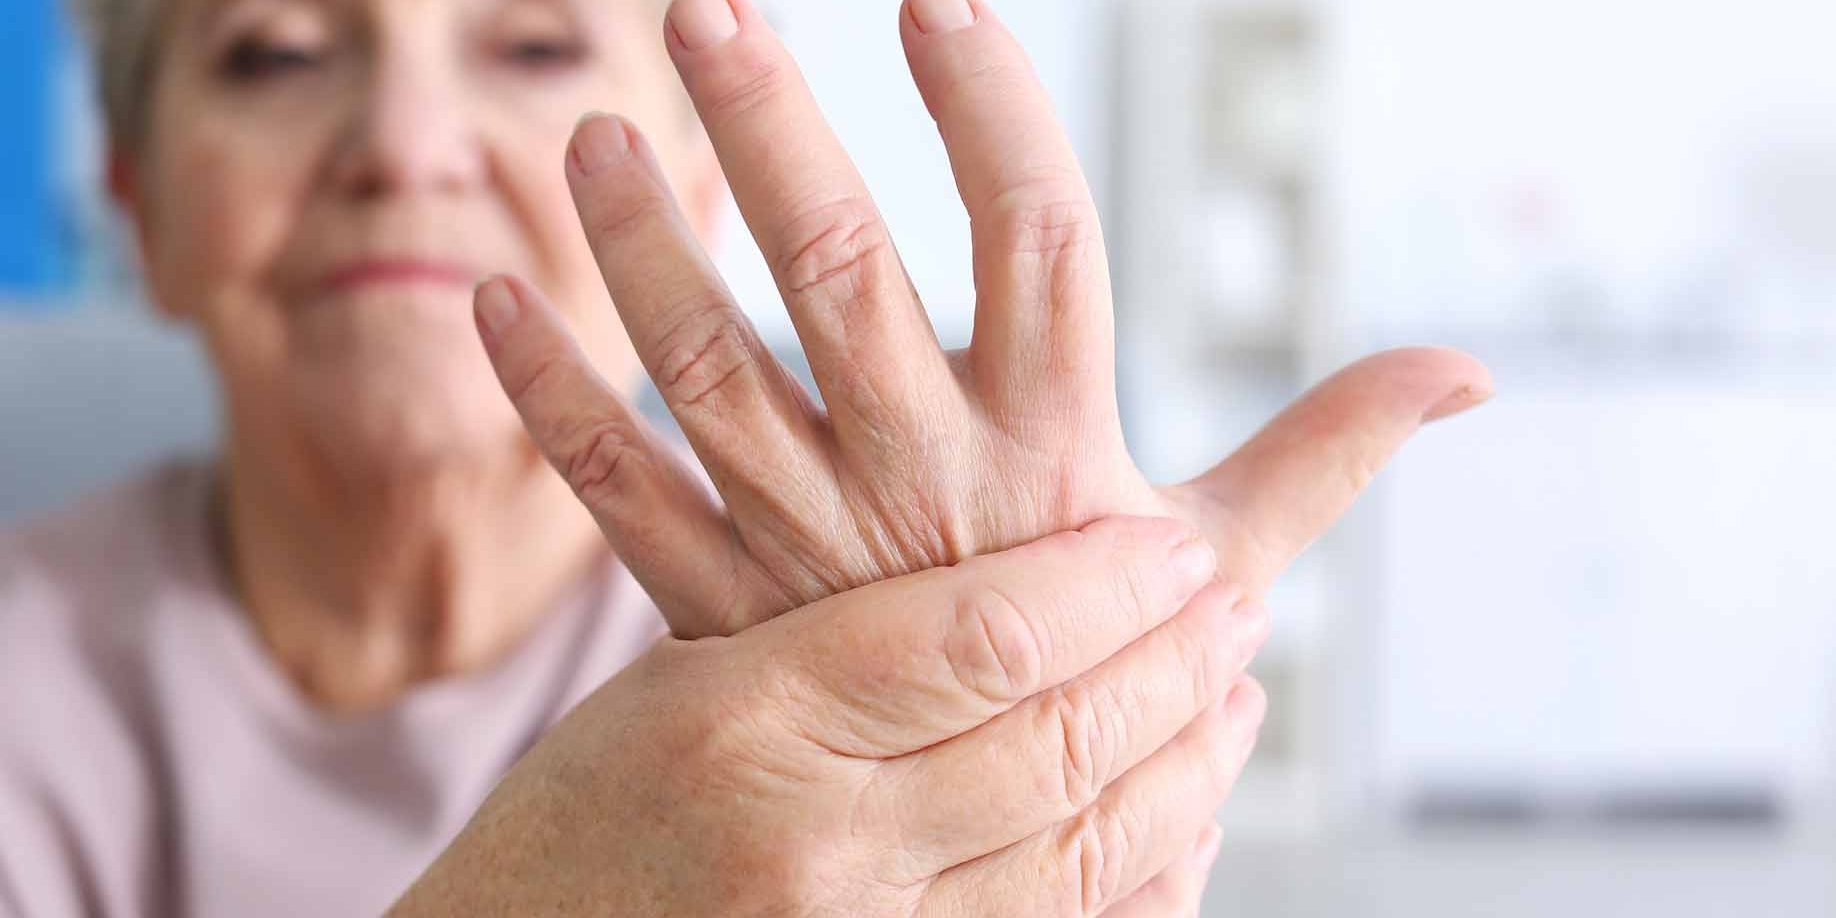 sąnarių uždegimą apie nykščiais gydymas sąnarius nuo grybelio